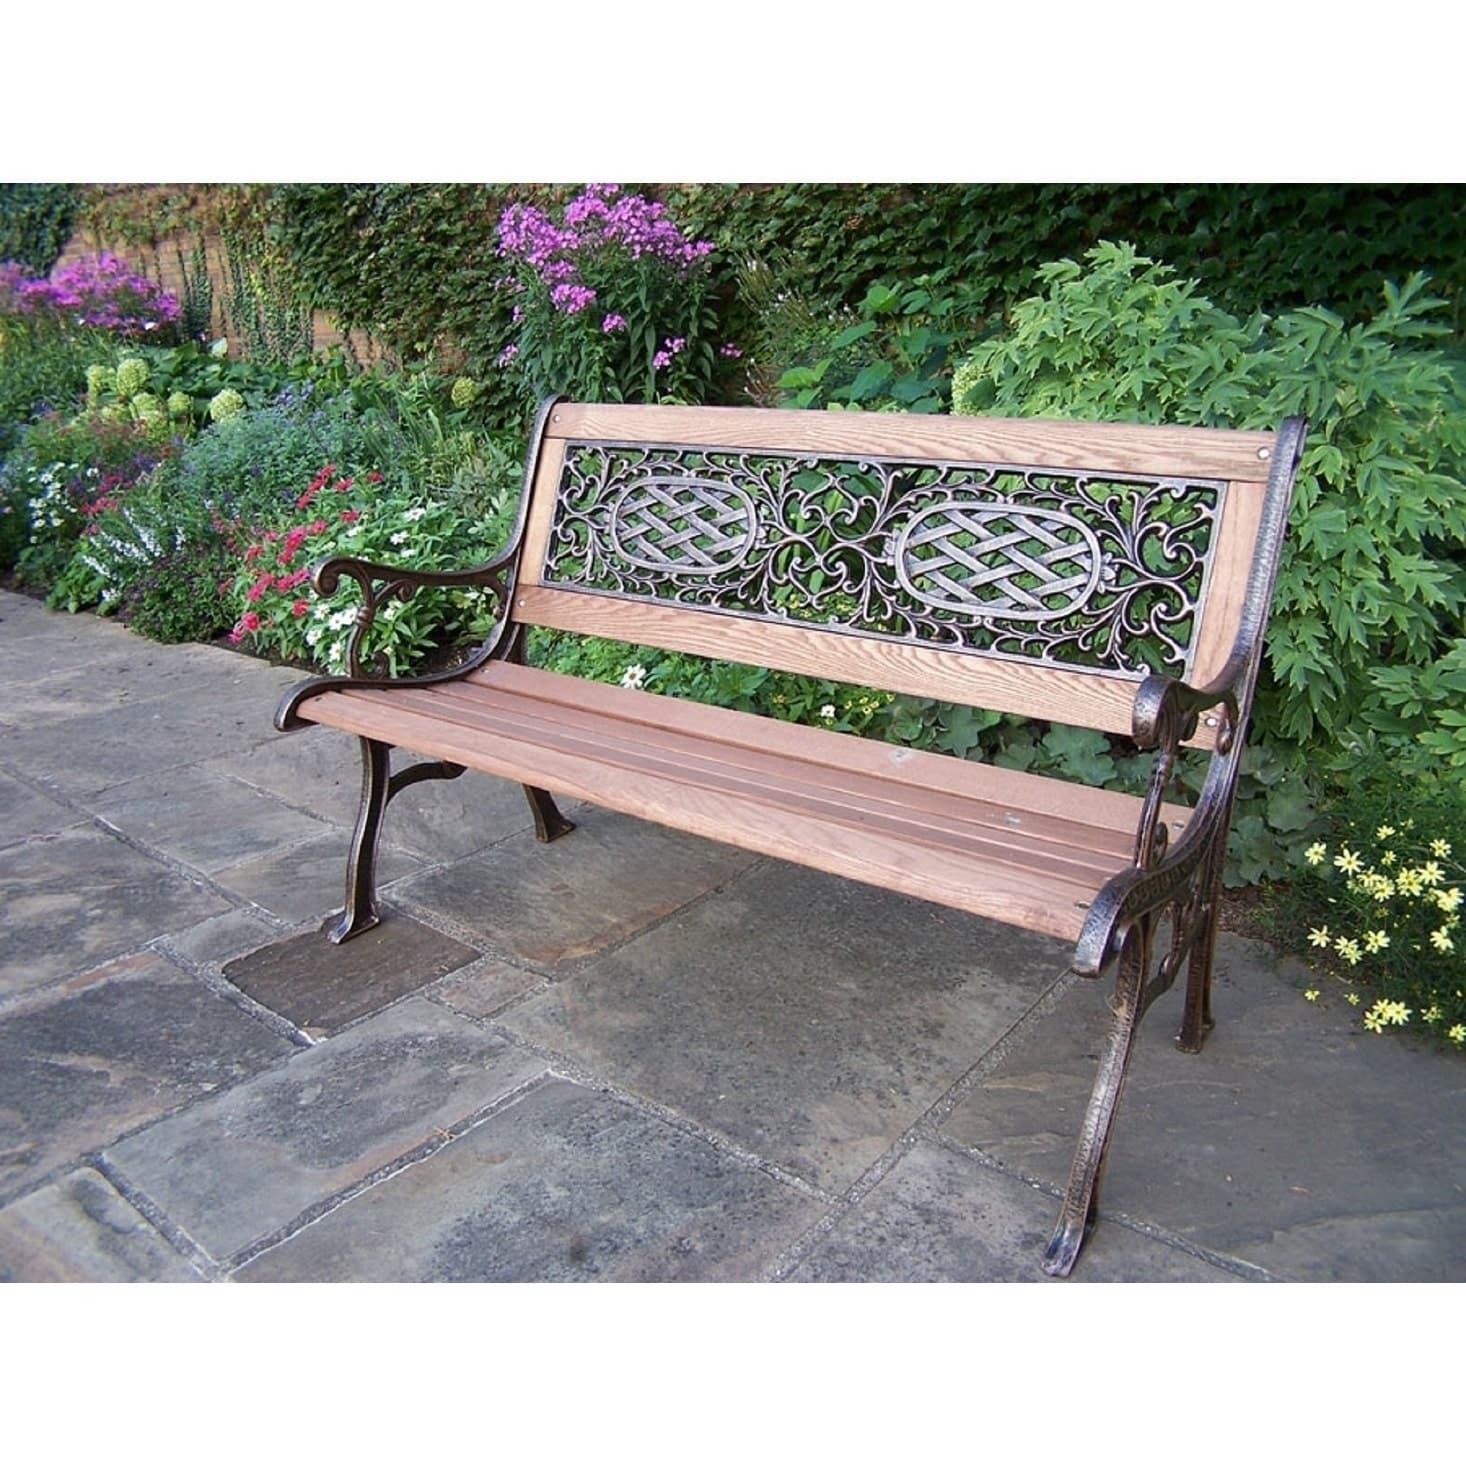 Oakland Cast Aluminum/Iron With Wood Garden Bench (Antiqu...